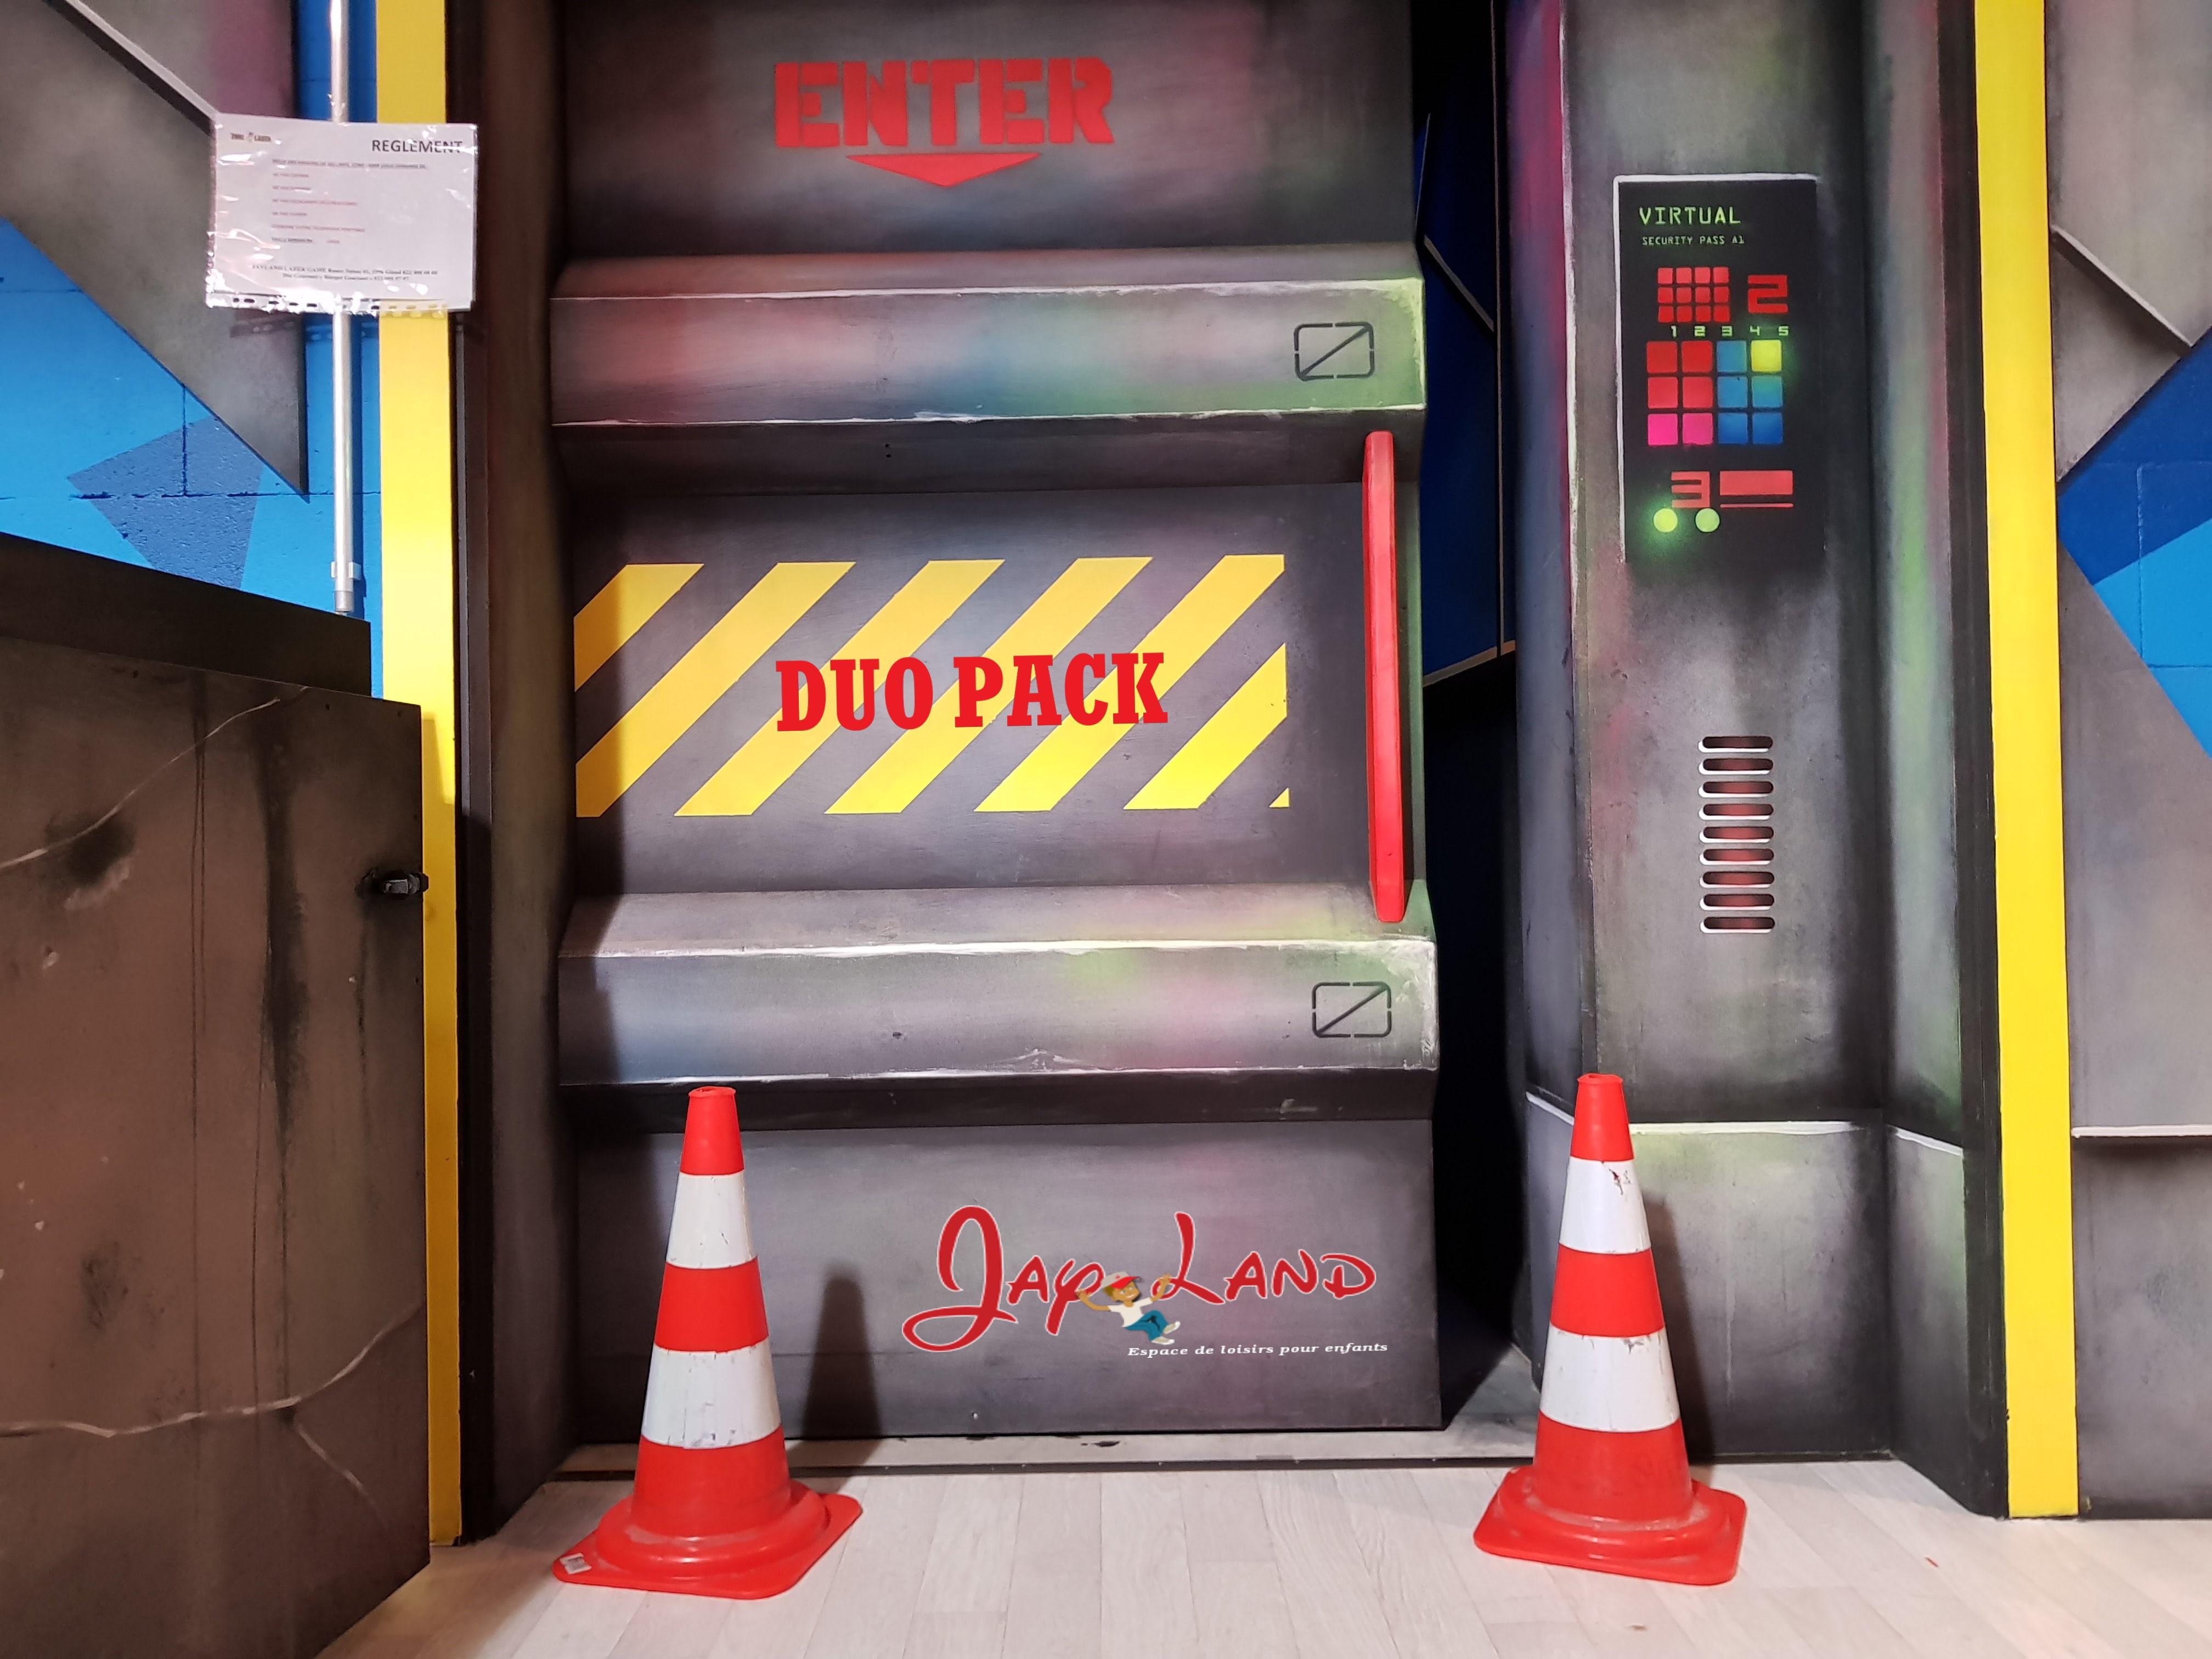 DUO PACK Laser Games - JayLand Gland